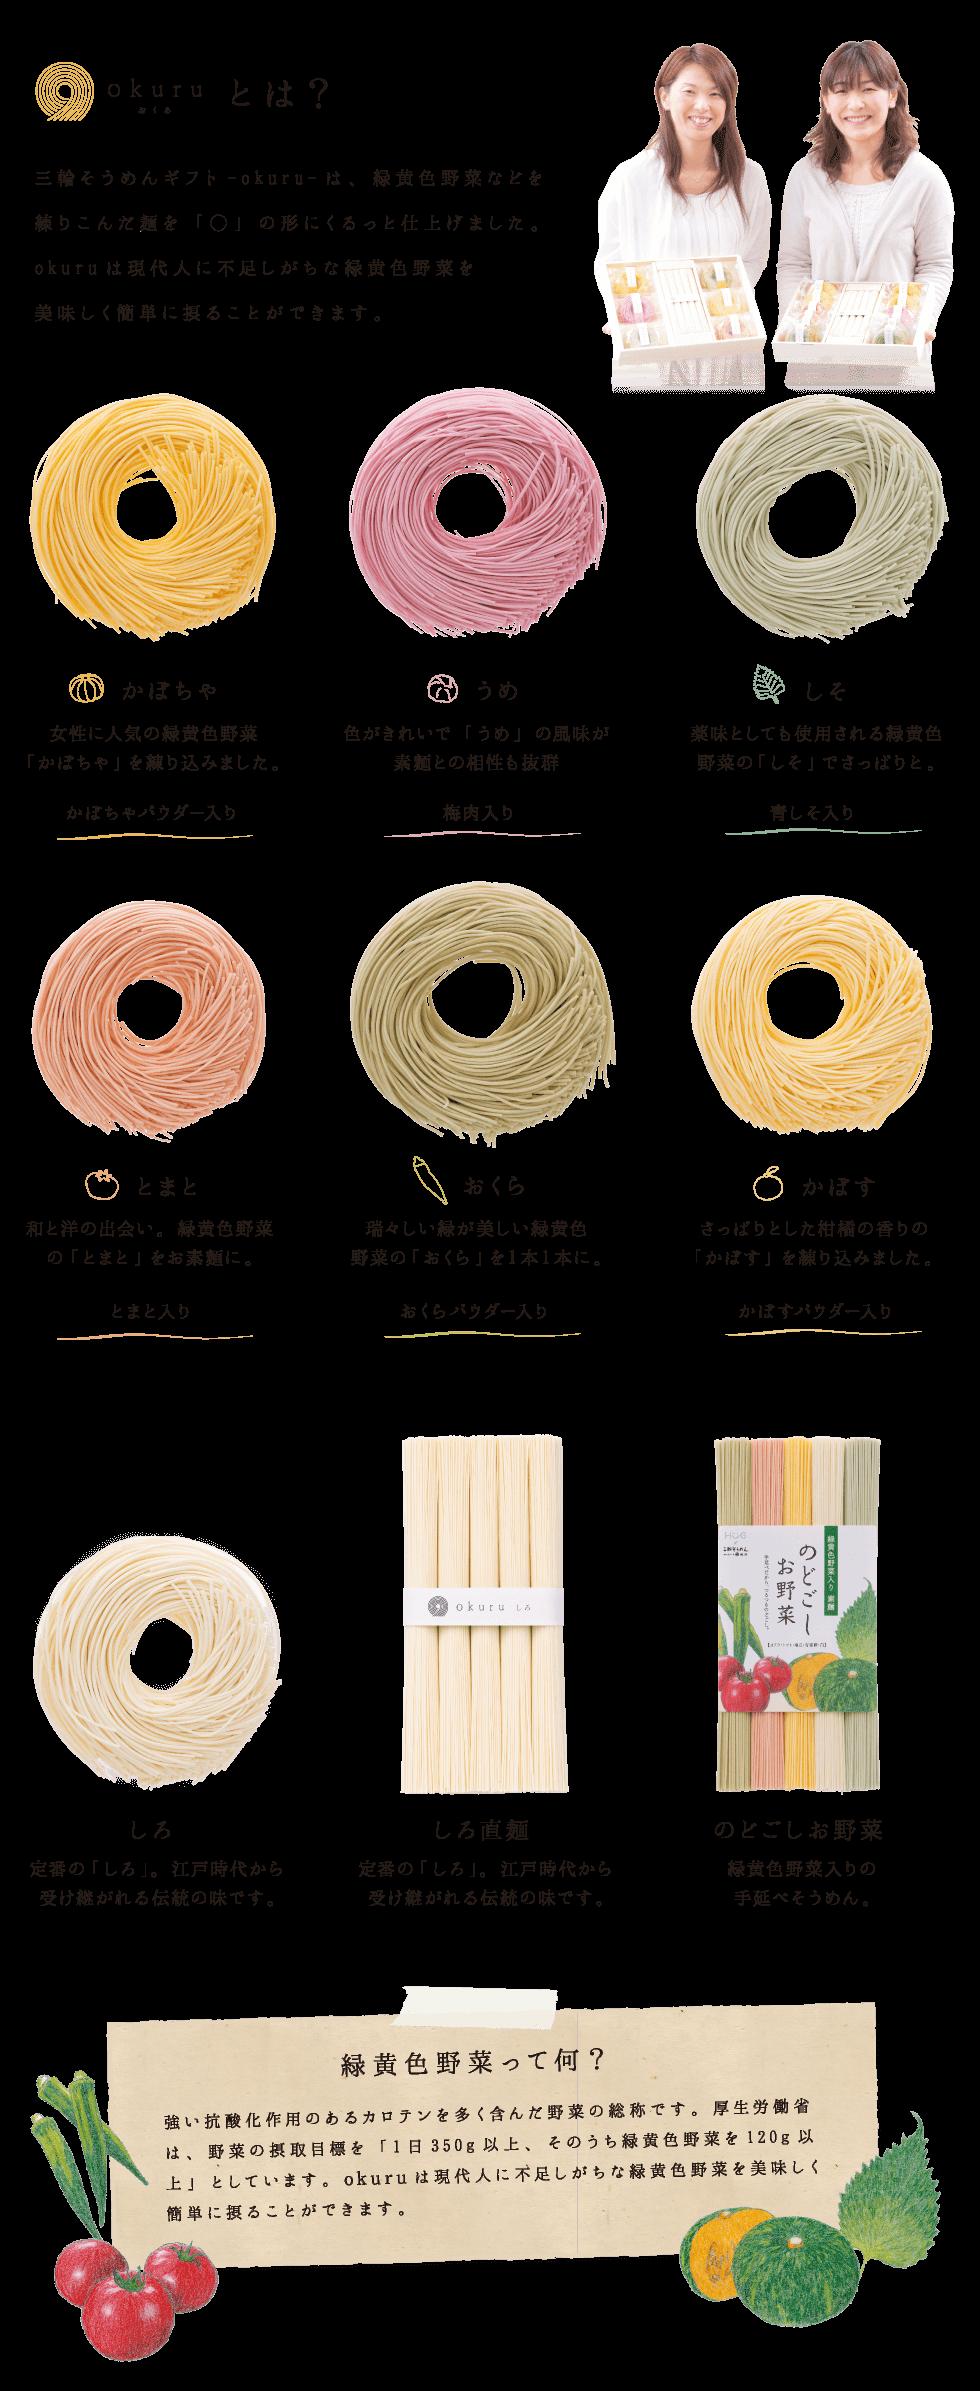 okuruとは? 三輪そうめんギフト-okuru-は、緑黄色野菜などを練り込んだ麺をまあるい方にくるっと仕上げました。okuruは現代人に不足しがちな緑黄色野菜を美味しく簡単に摂ることができます。かぼちゃは、女性に人気の緑黄色野菜かぼちゃを練り込みました。うめは色がキレイで梅の風味がそうめんとの相性抜群。しそは薬味としても使用される緑黄色野菜なのでさっぱりと。和と洋の出会い「とまと」。瑞々しい緑が美しい緑黄色野菜「おくら」。さっぱりとした柑橘の香りの「かぼす」。江戸時代から受け継がれる伝統の味「しろ」。